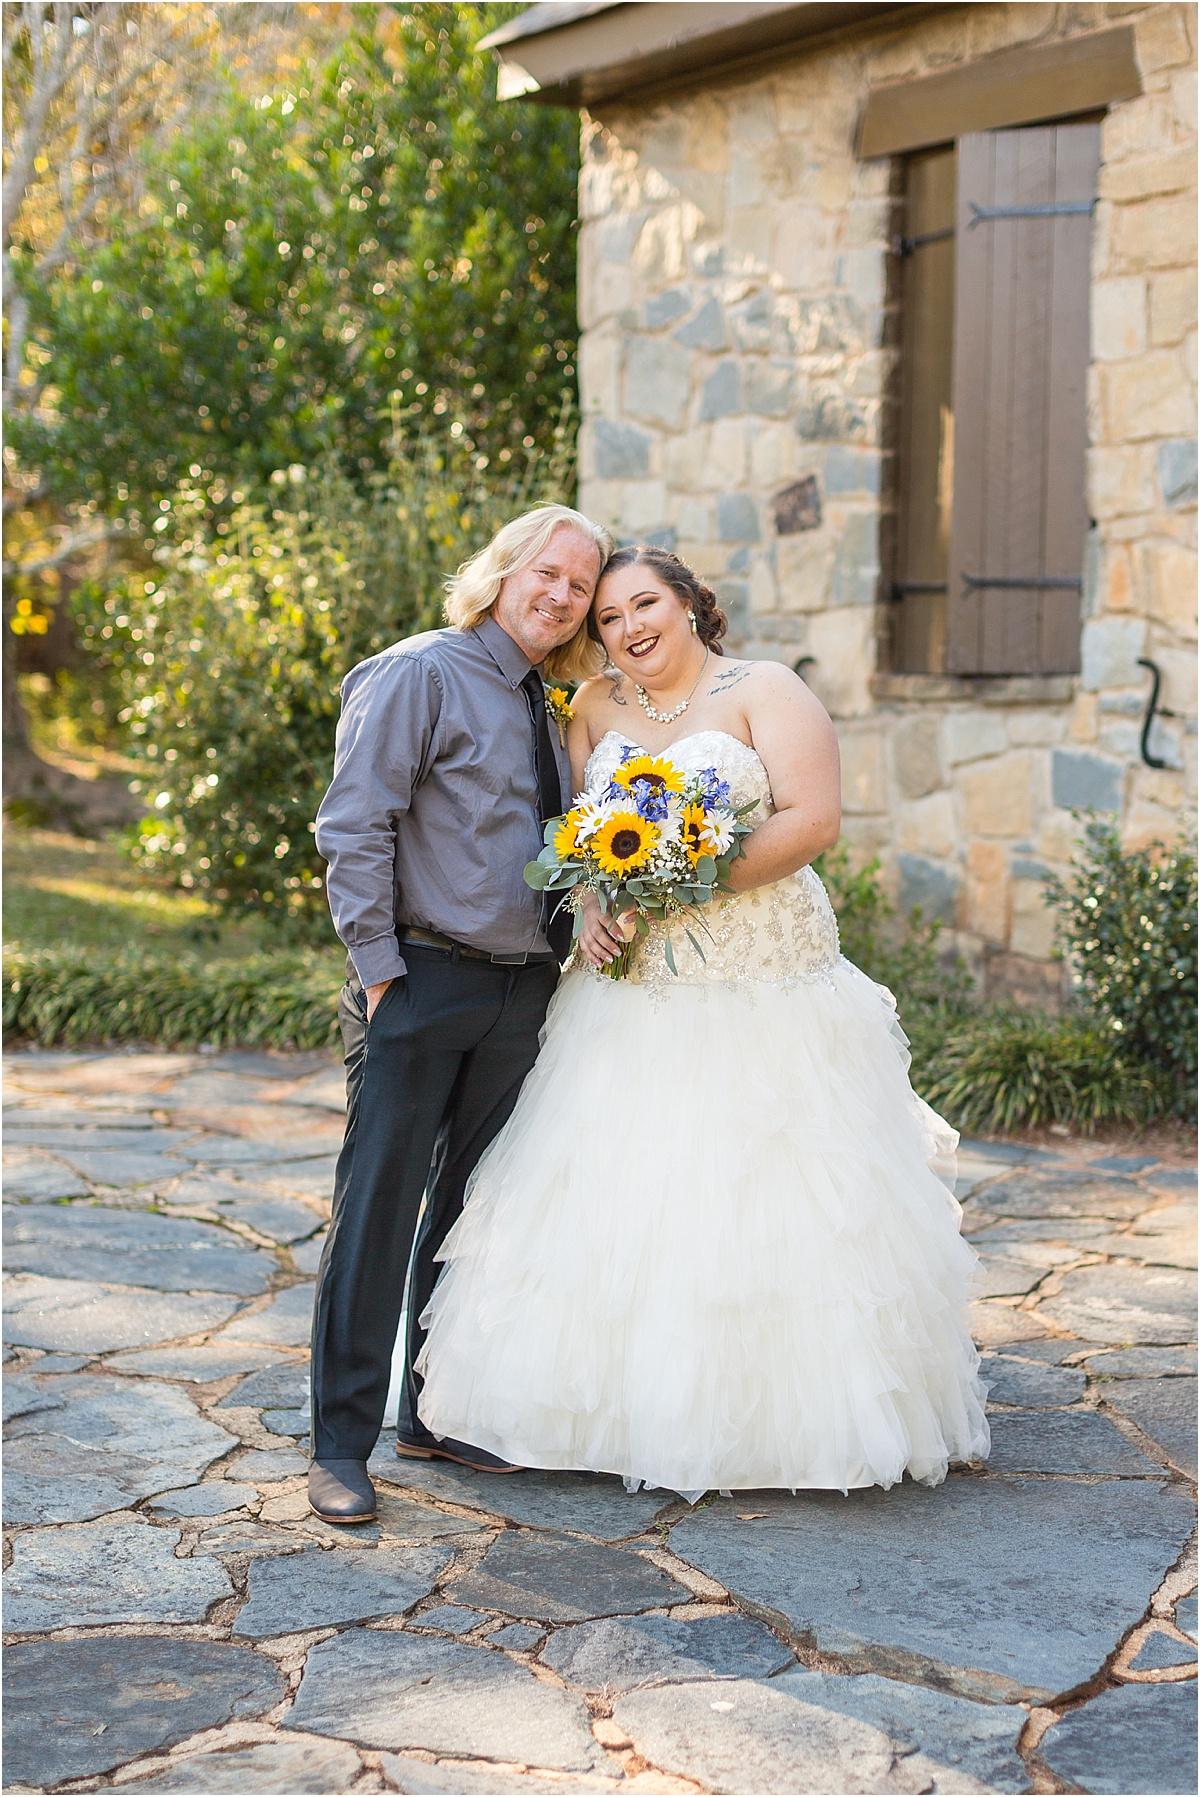 Indian_Springs_State_Park_Weddings_0030.jpg